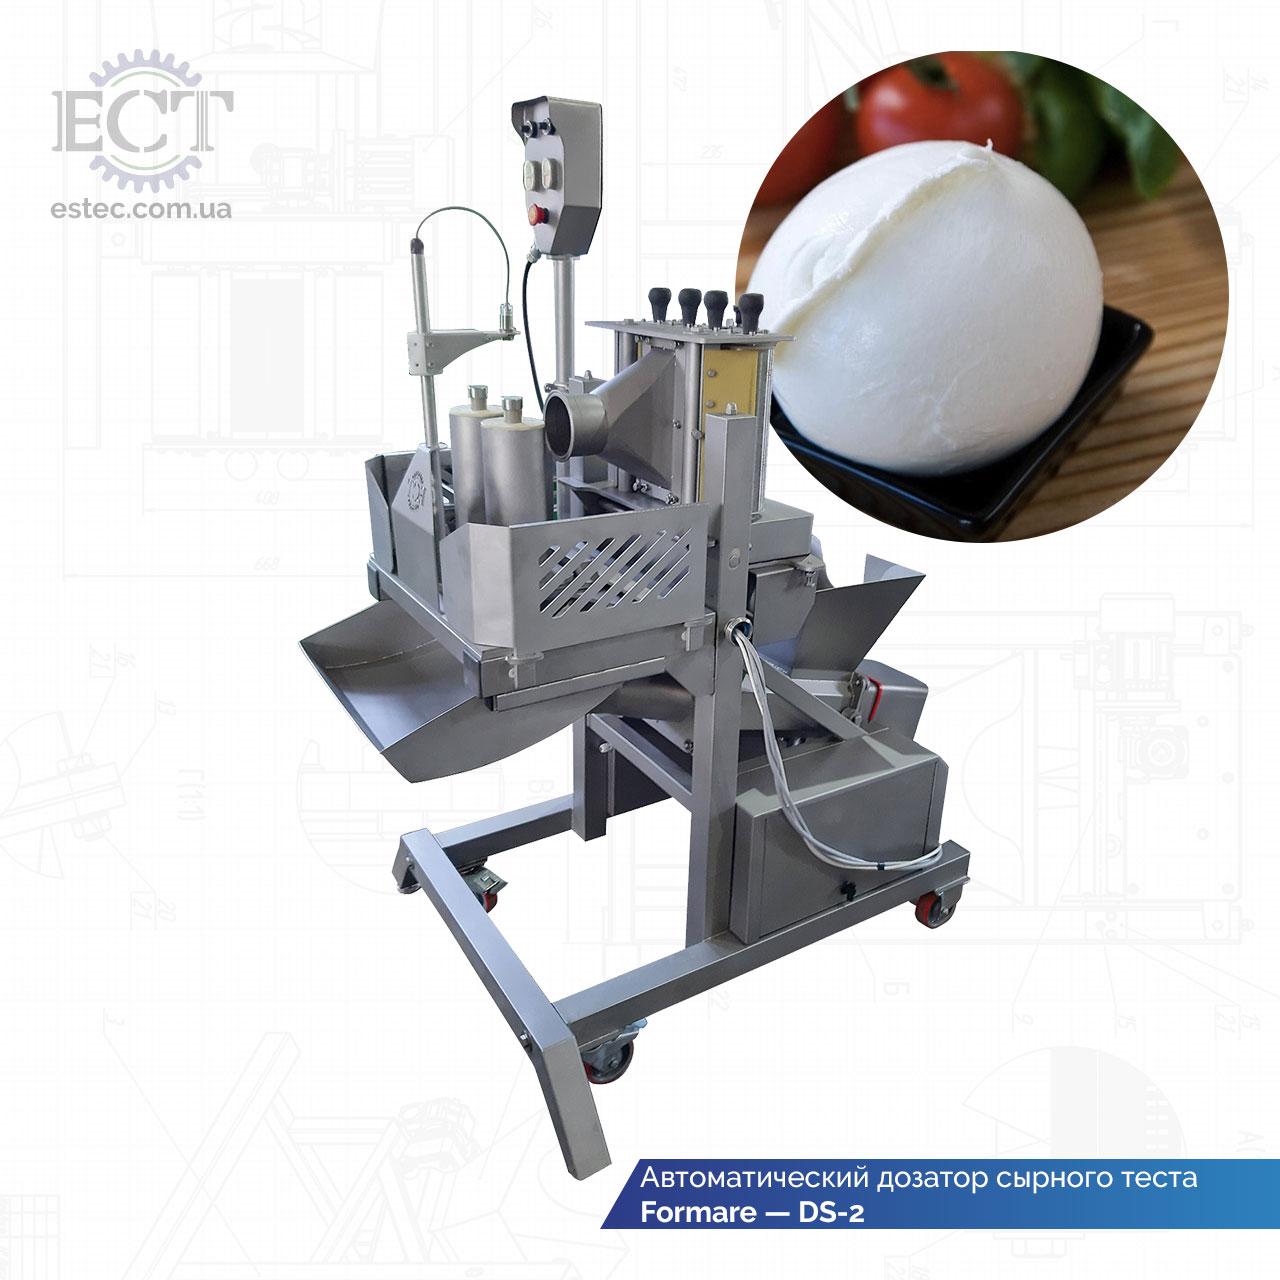 Автоматический дозатор сырного теста Formare — DS-2